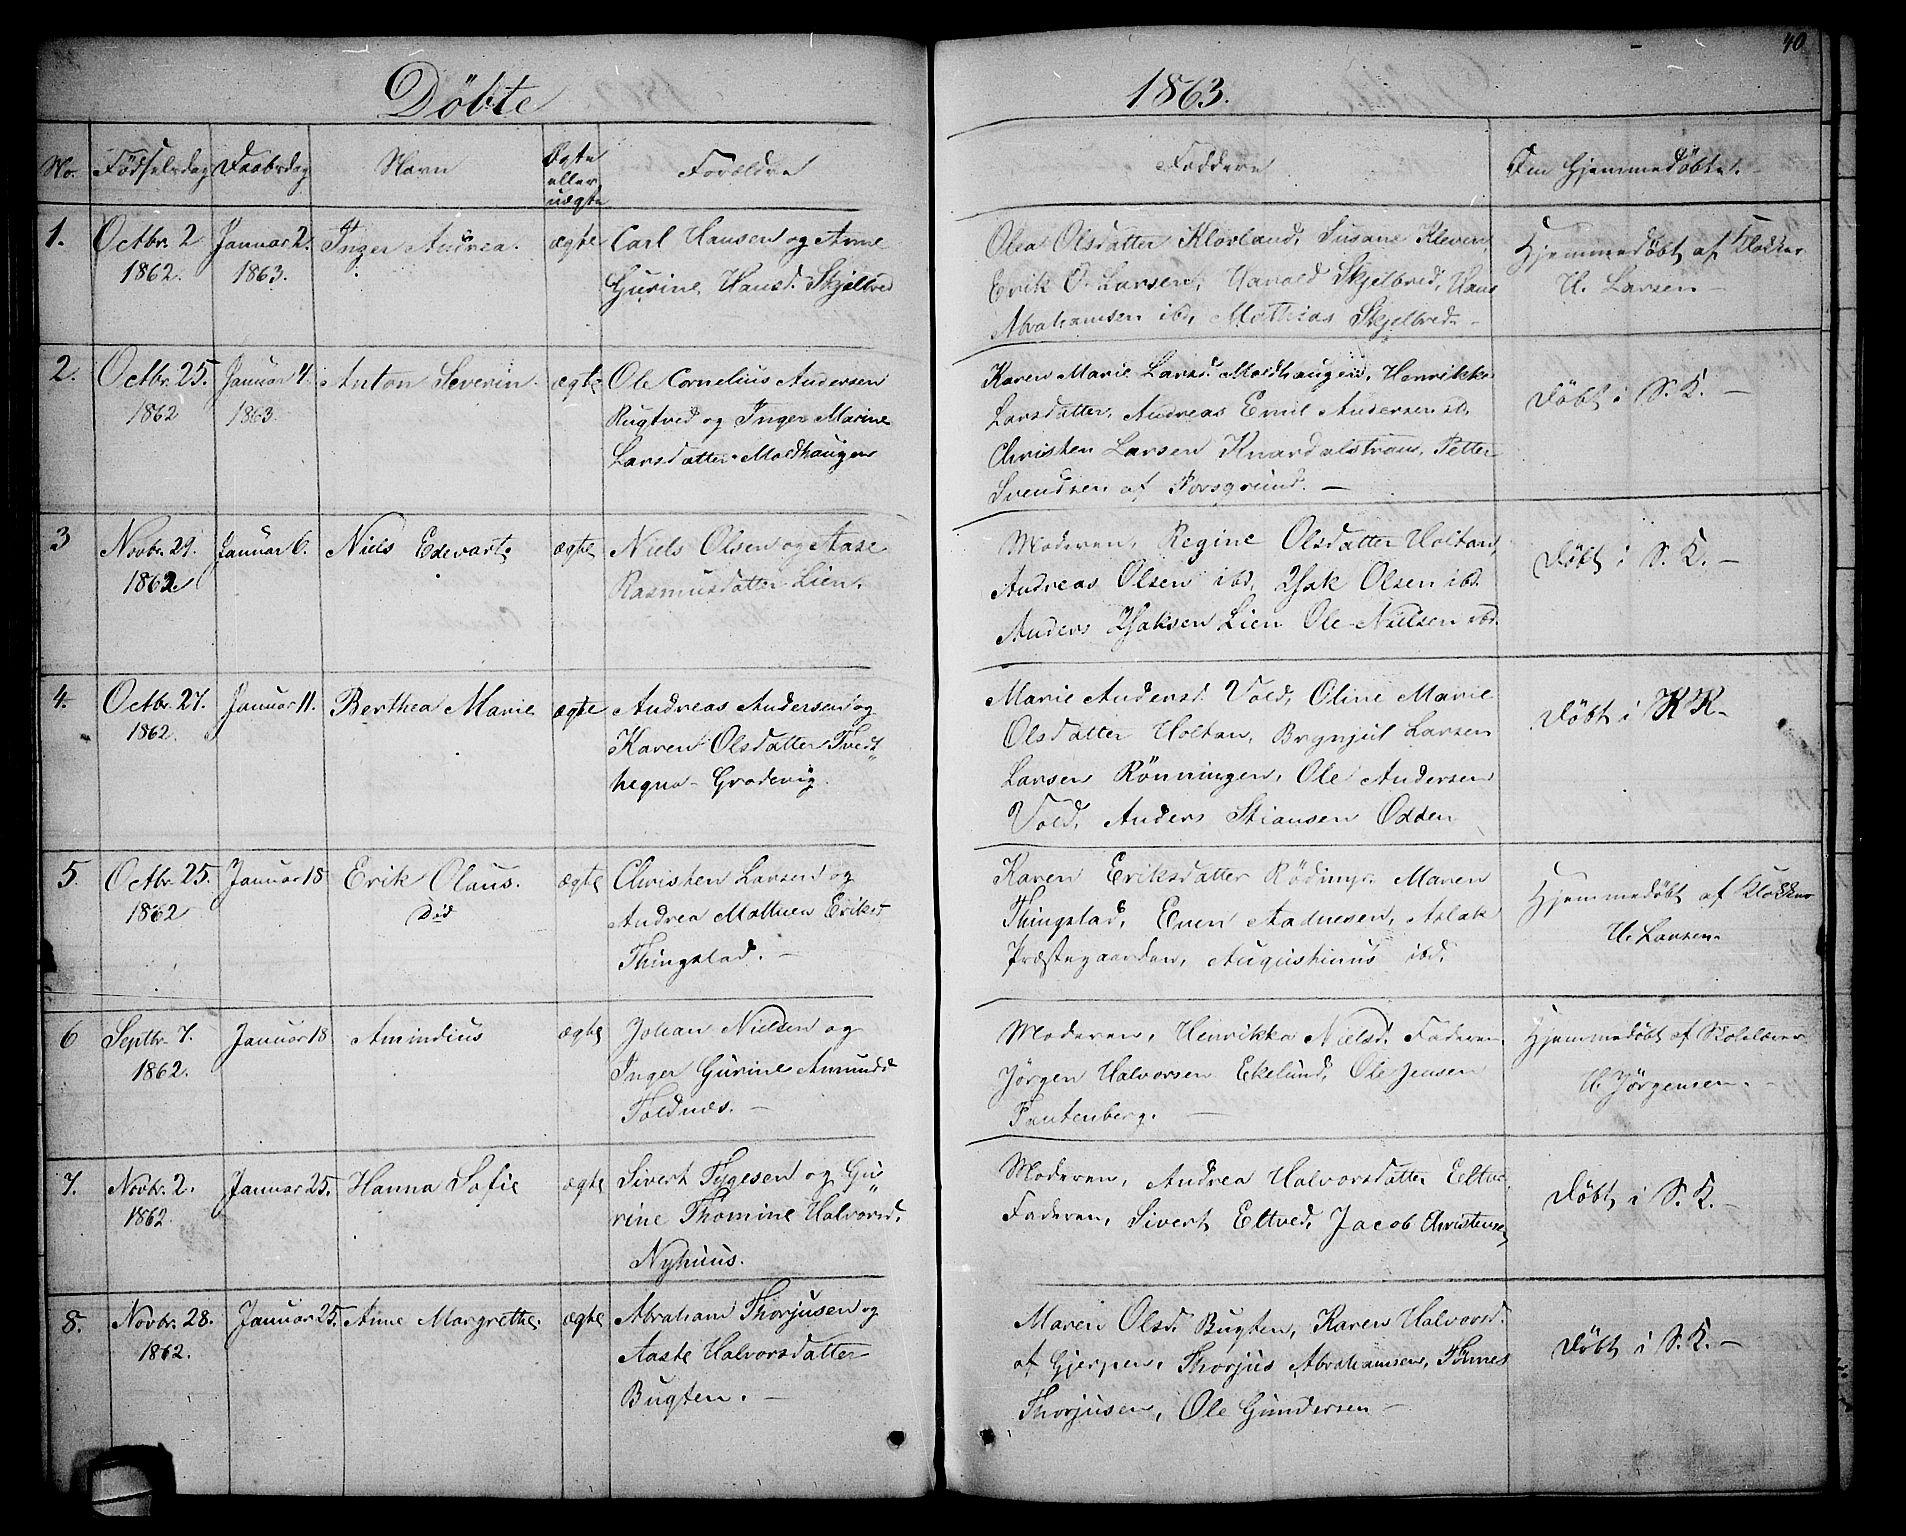 SAKO, Solum kirkebøker, G/Ga/L0004: Klokkerbok nr. I 4, 1859-1876, s. 40